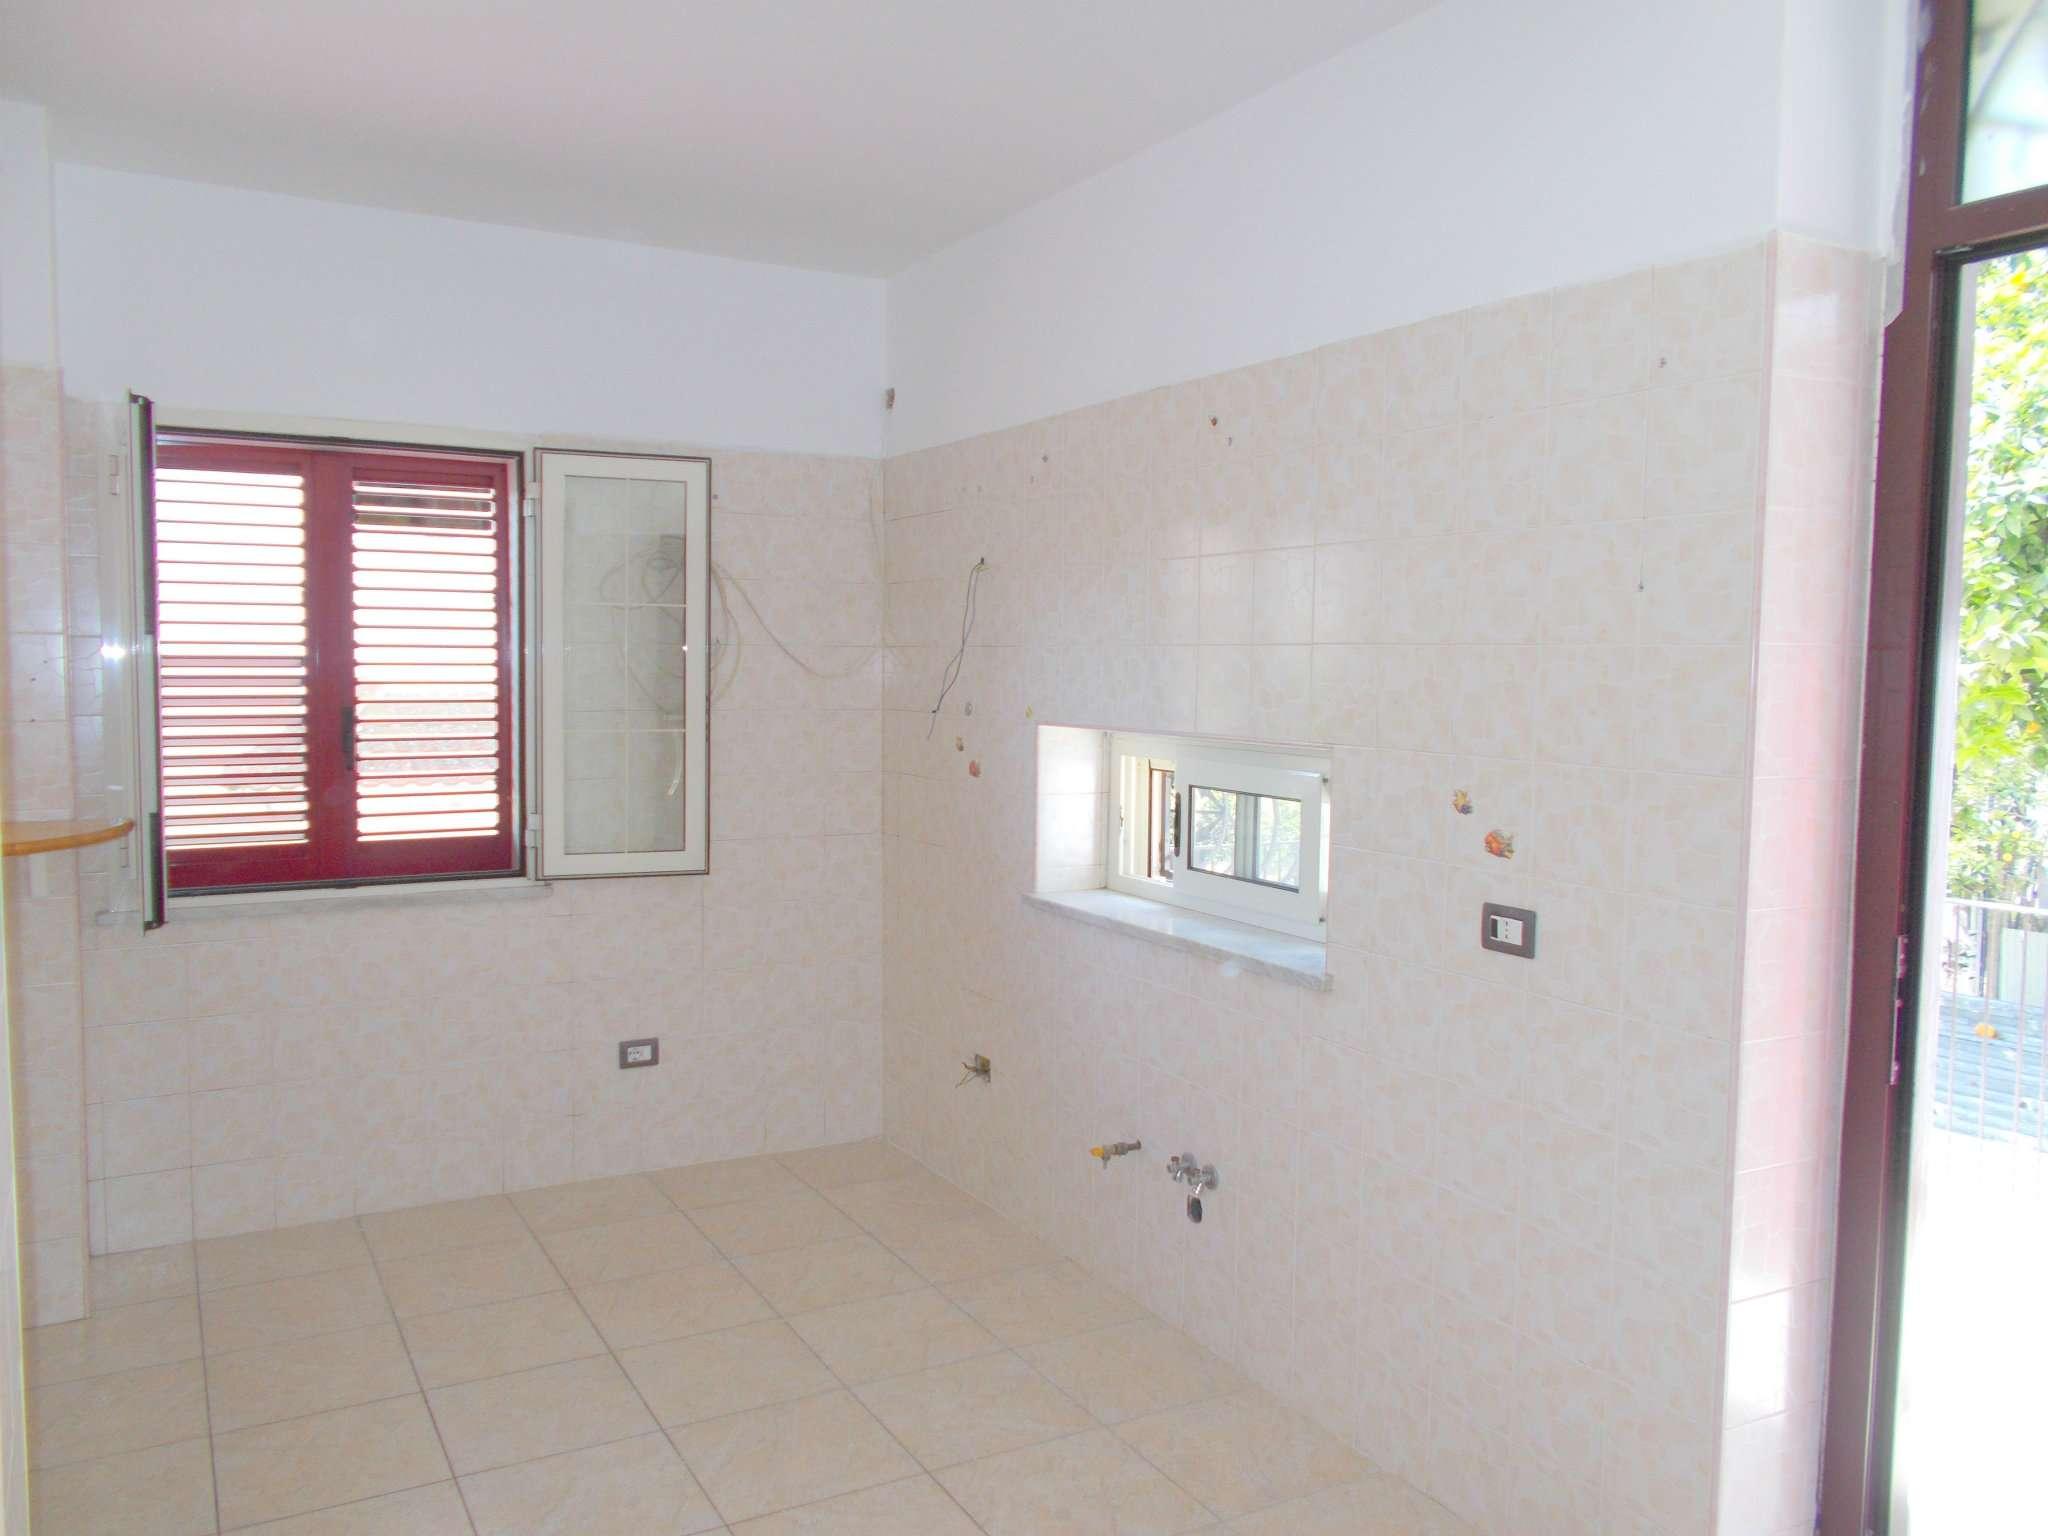 Appartamento in affitto a Santa Maria a Vico, 3 locali, prezzo € 300 | Cambio Casa.it